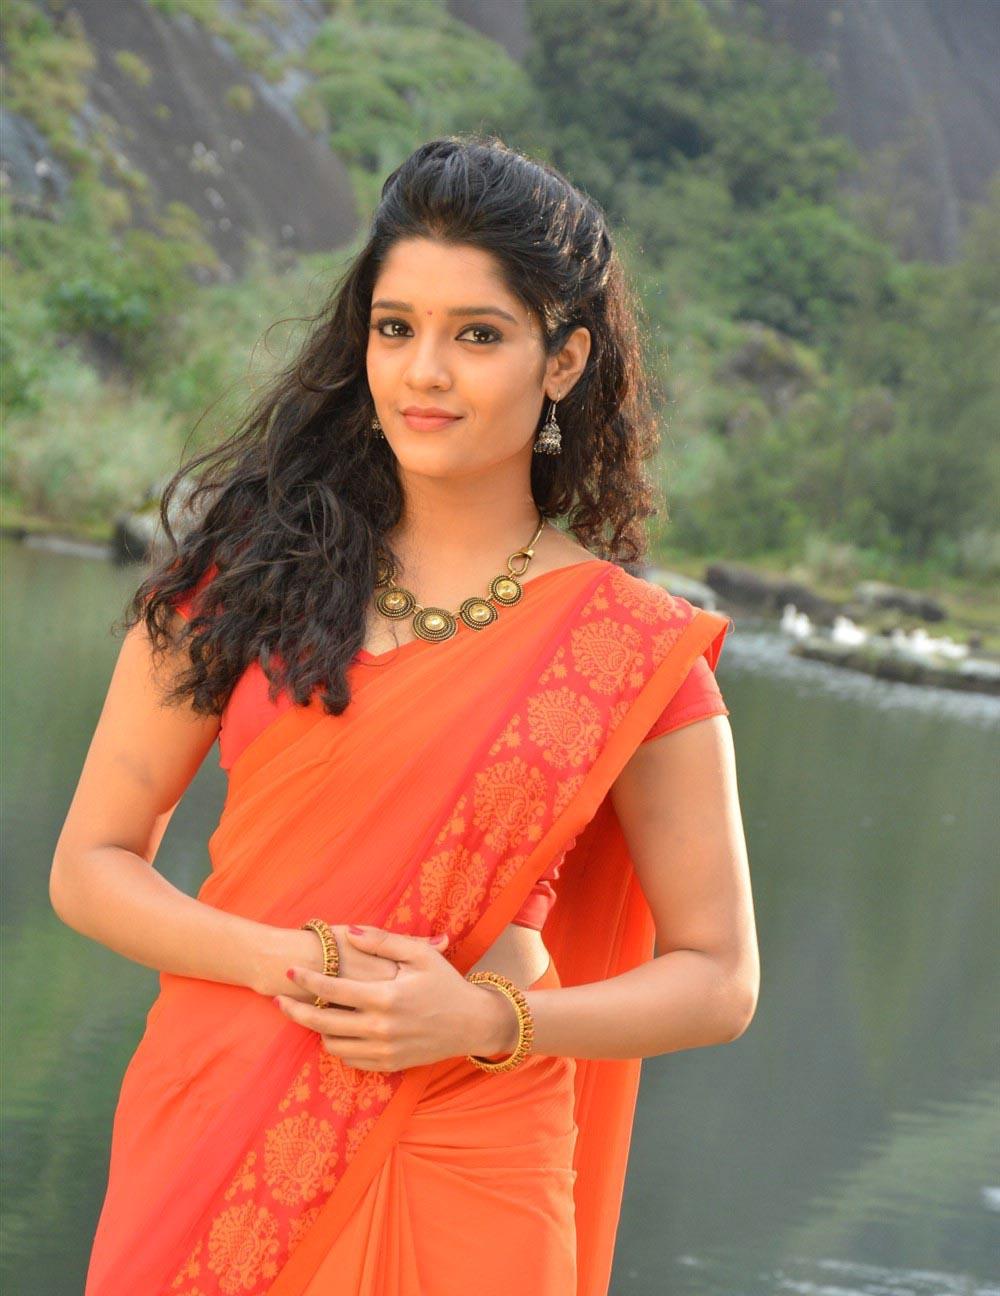 Ritika singh saree photos